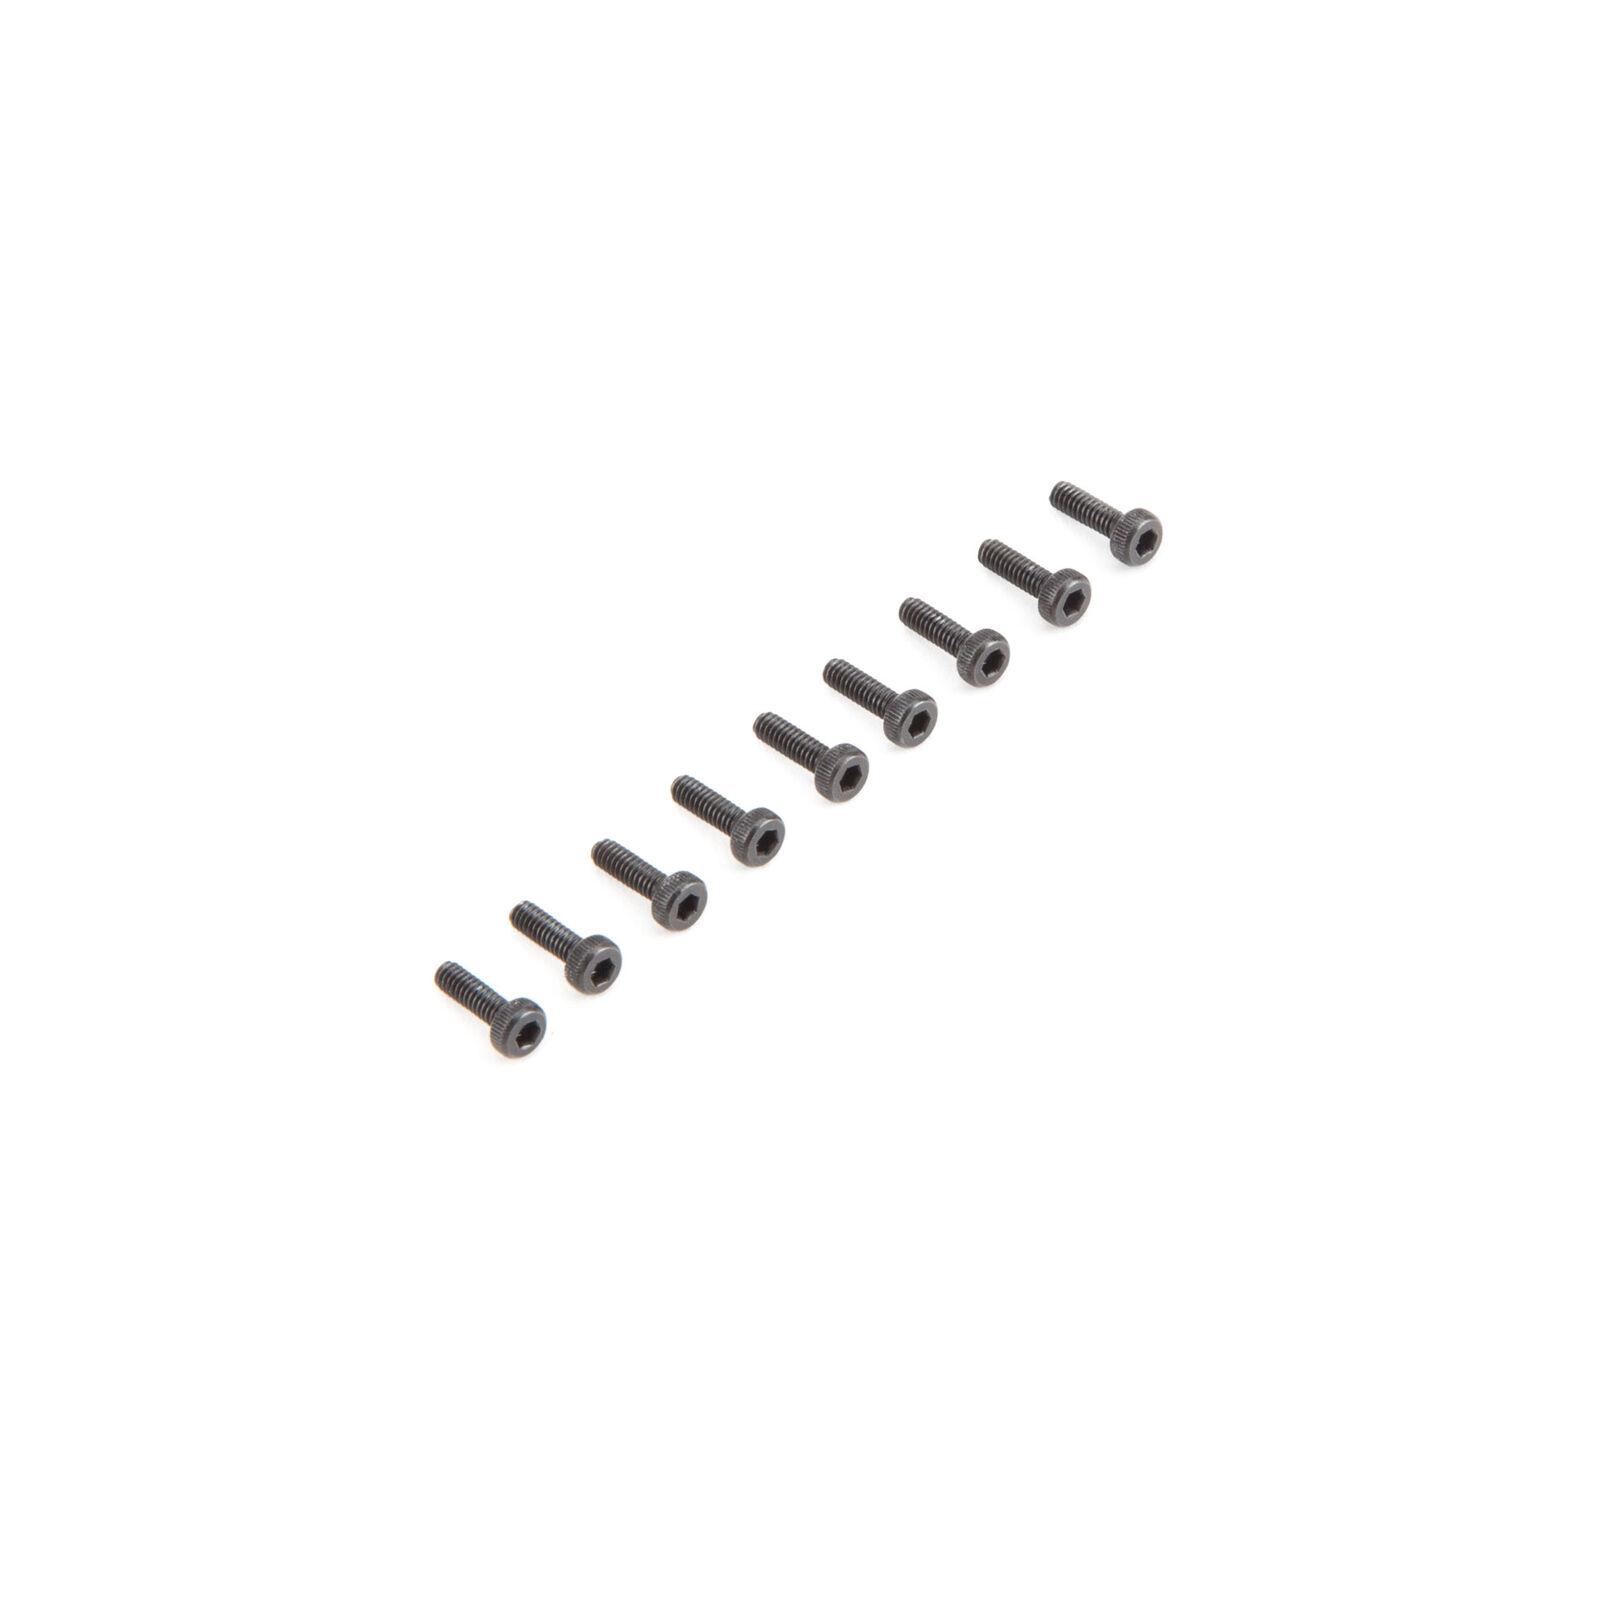 Cap Head Screws M2 x 6mm (10)